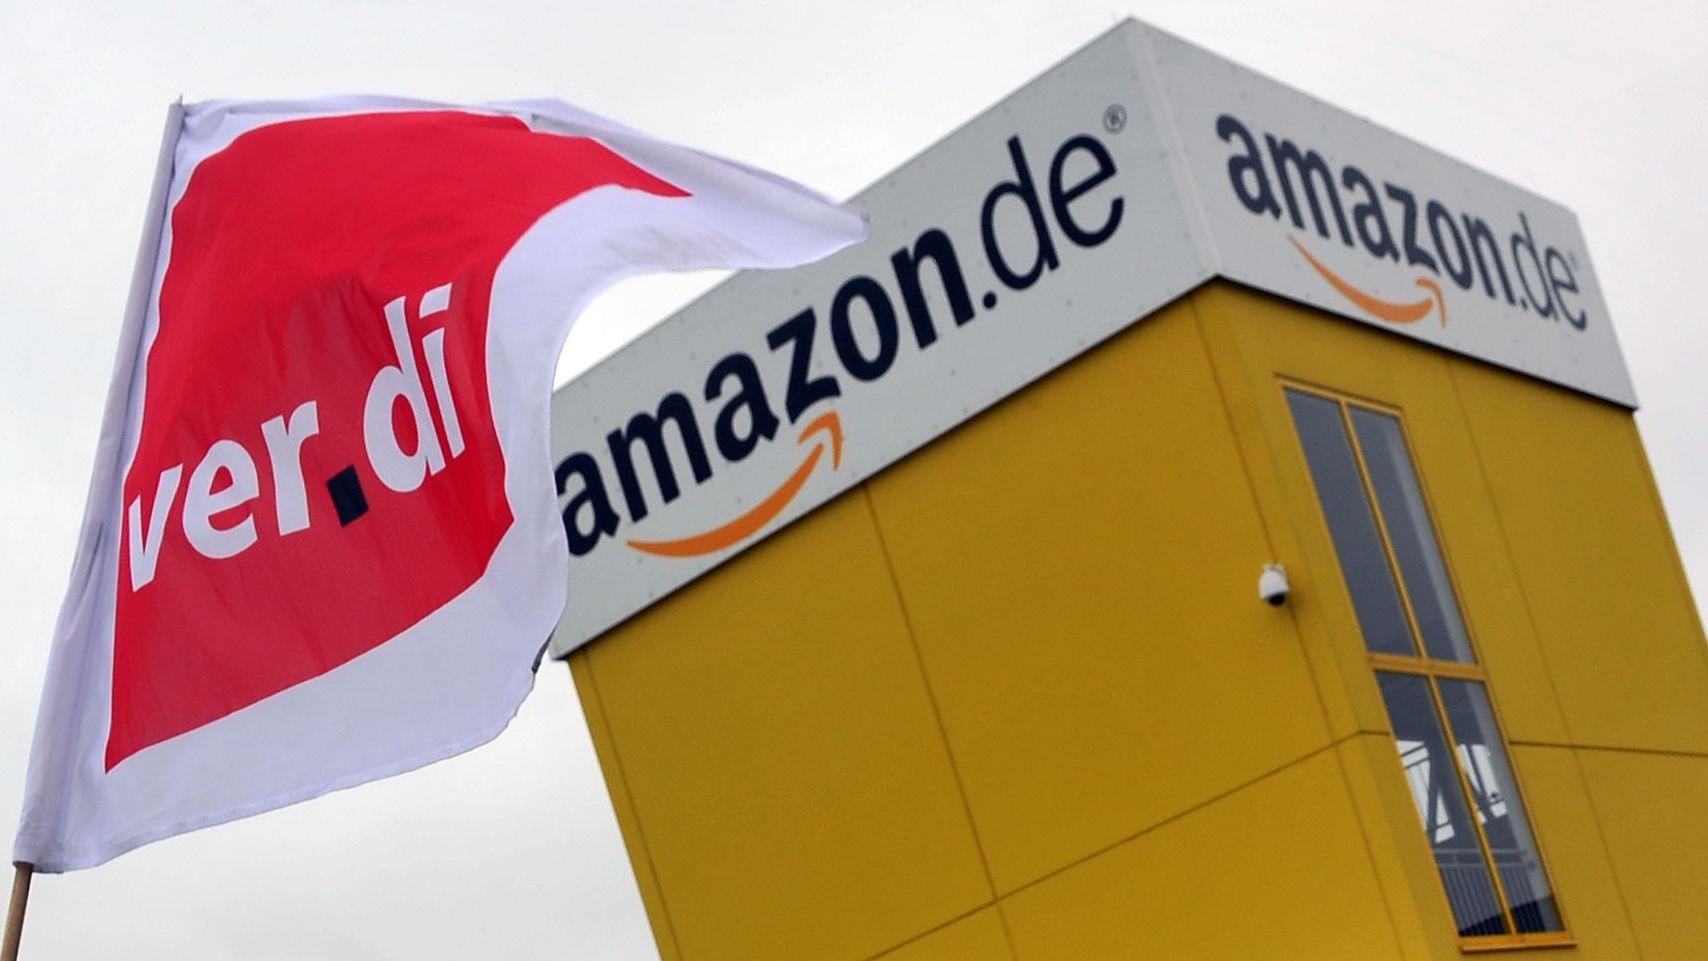 Das Logistikzentrum des Internethändlers wird von der Gewerkschaft Verdi bestreikt.